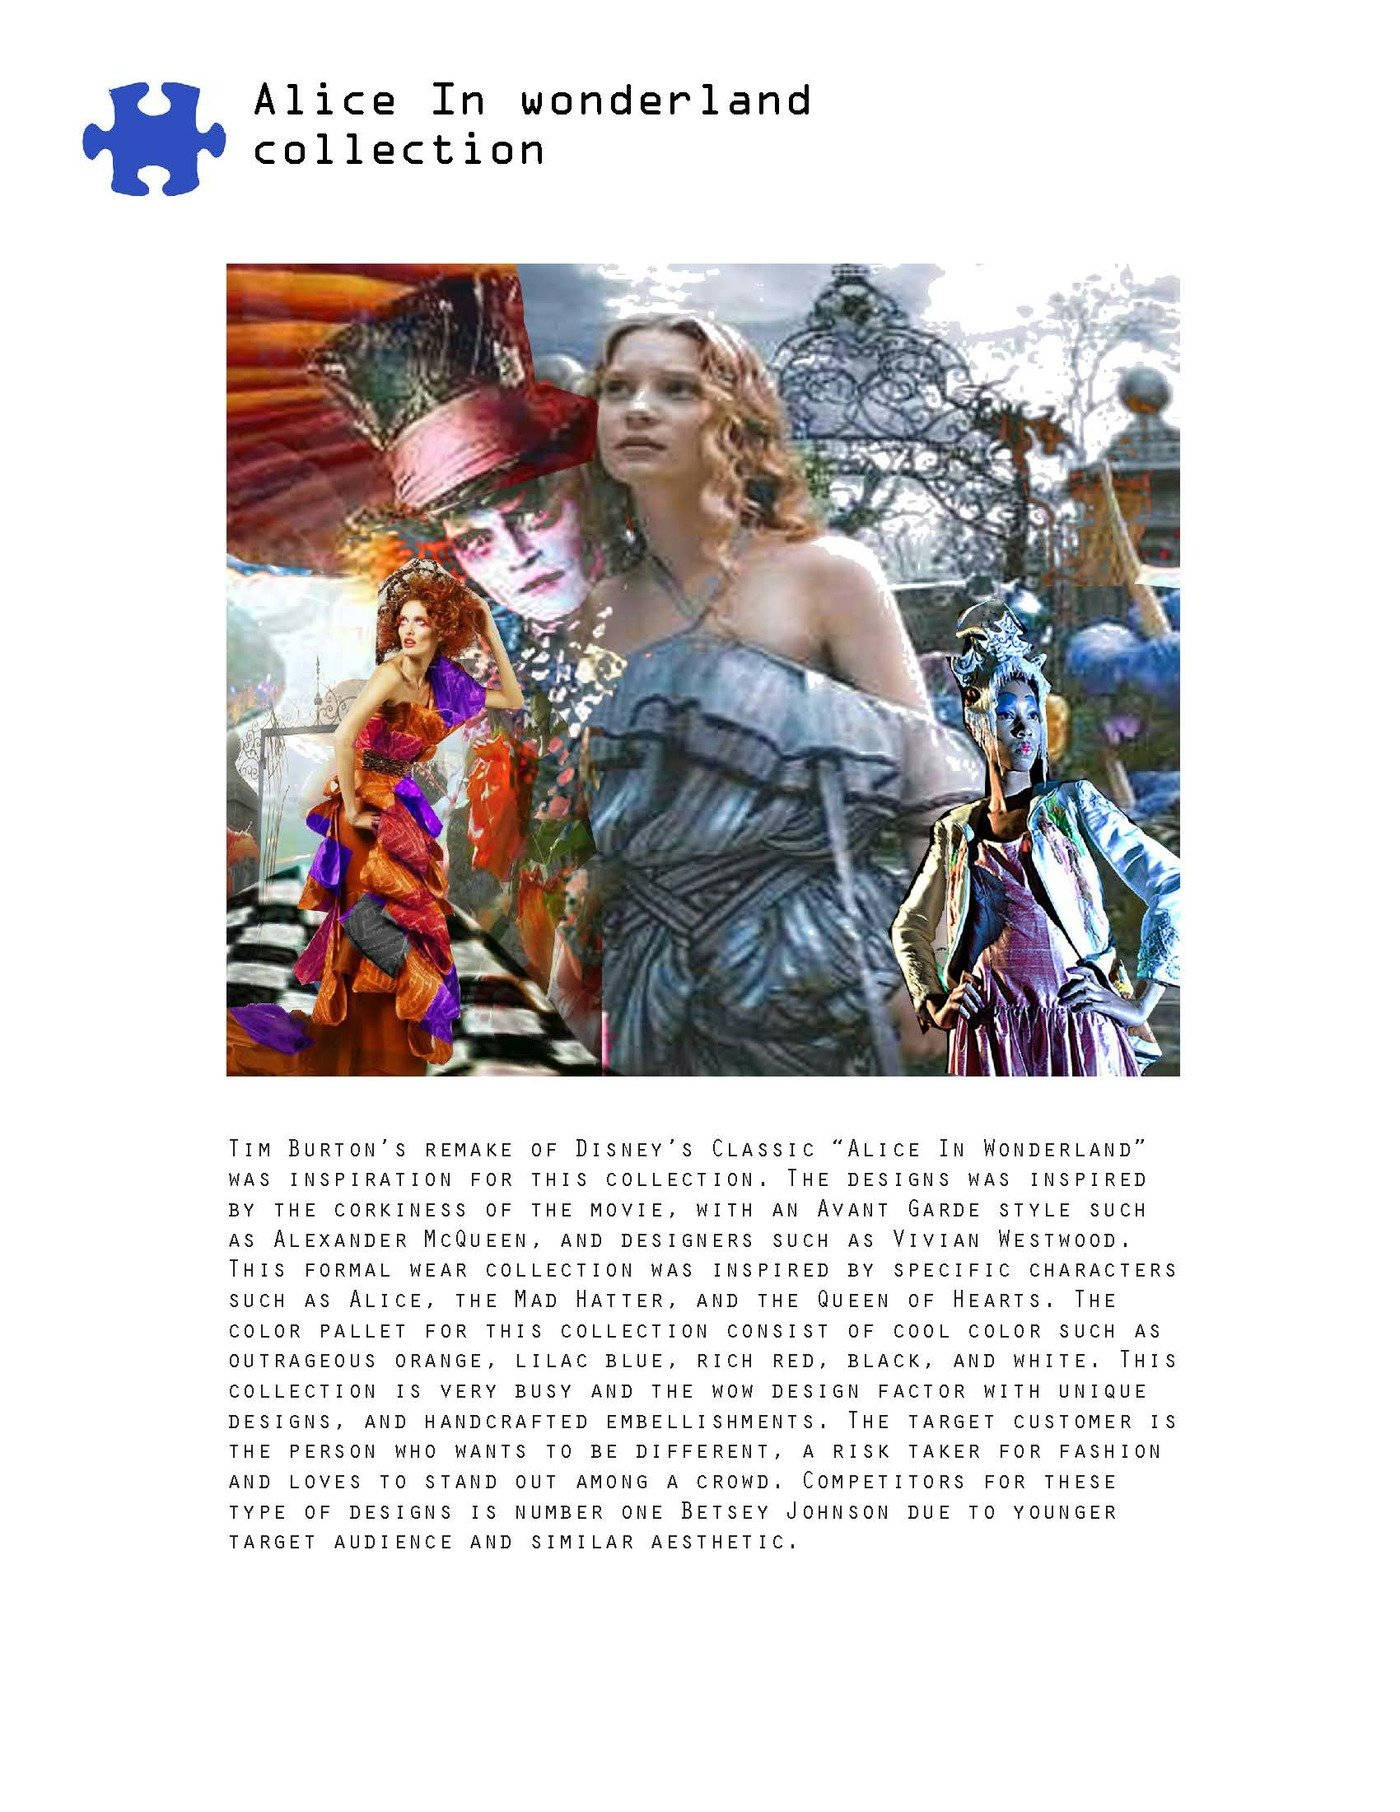 Samantha Stevens Portfolio By Samantha Stevens At Coroflot Com